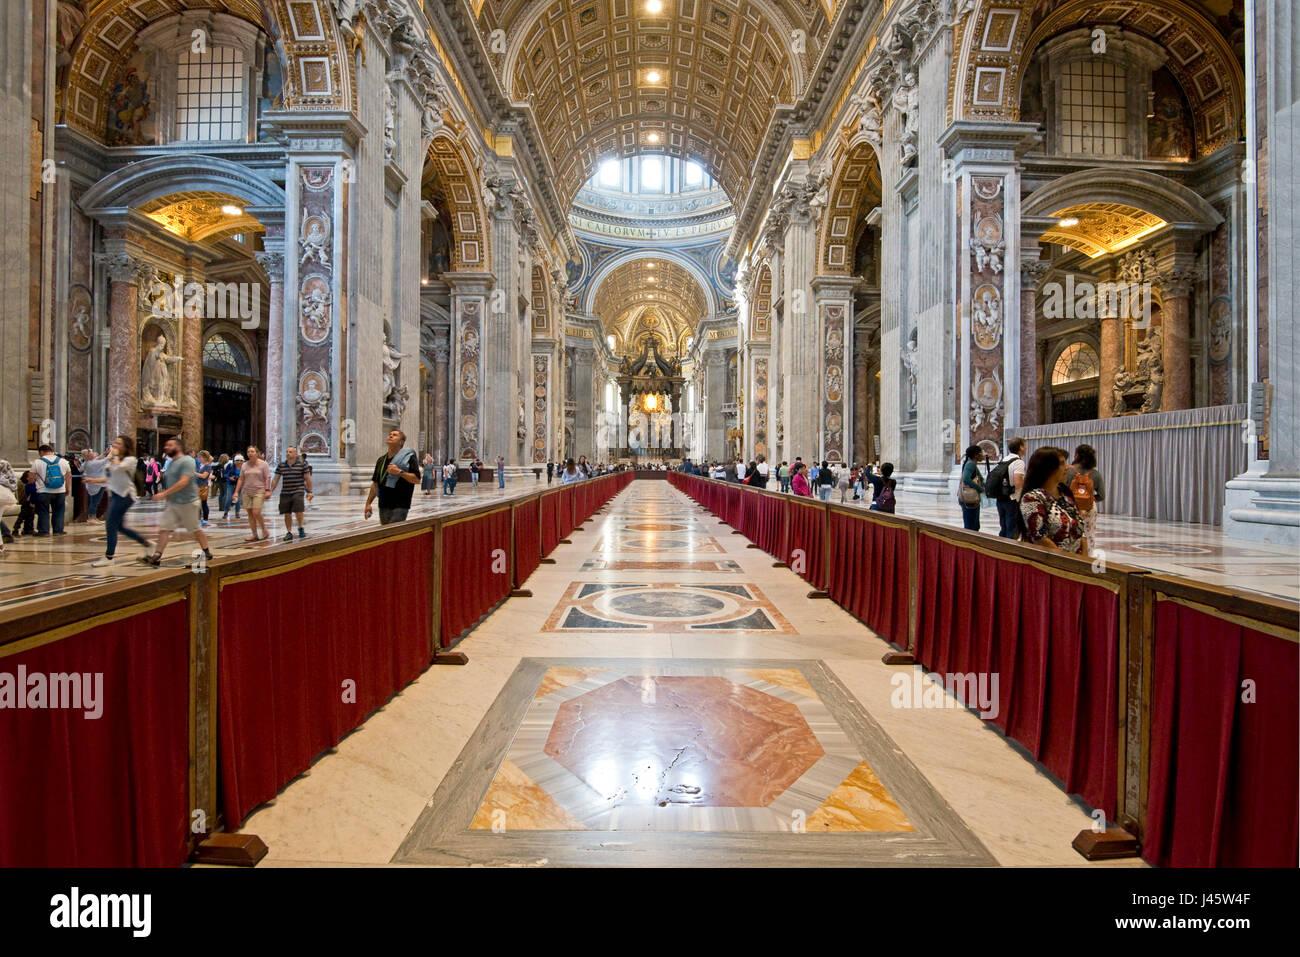 Un ampio angolo di vista interna all'interno della Basilica di San Pietro con i turisti a piedi attorno a. Immagini Stock